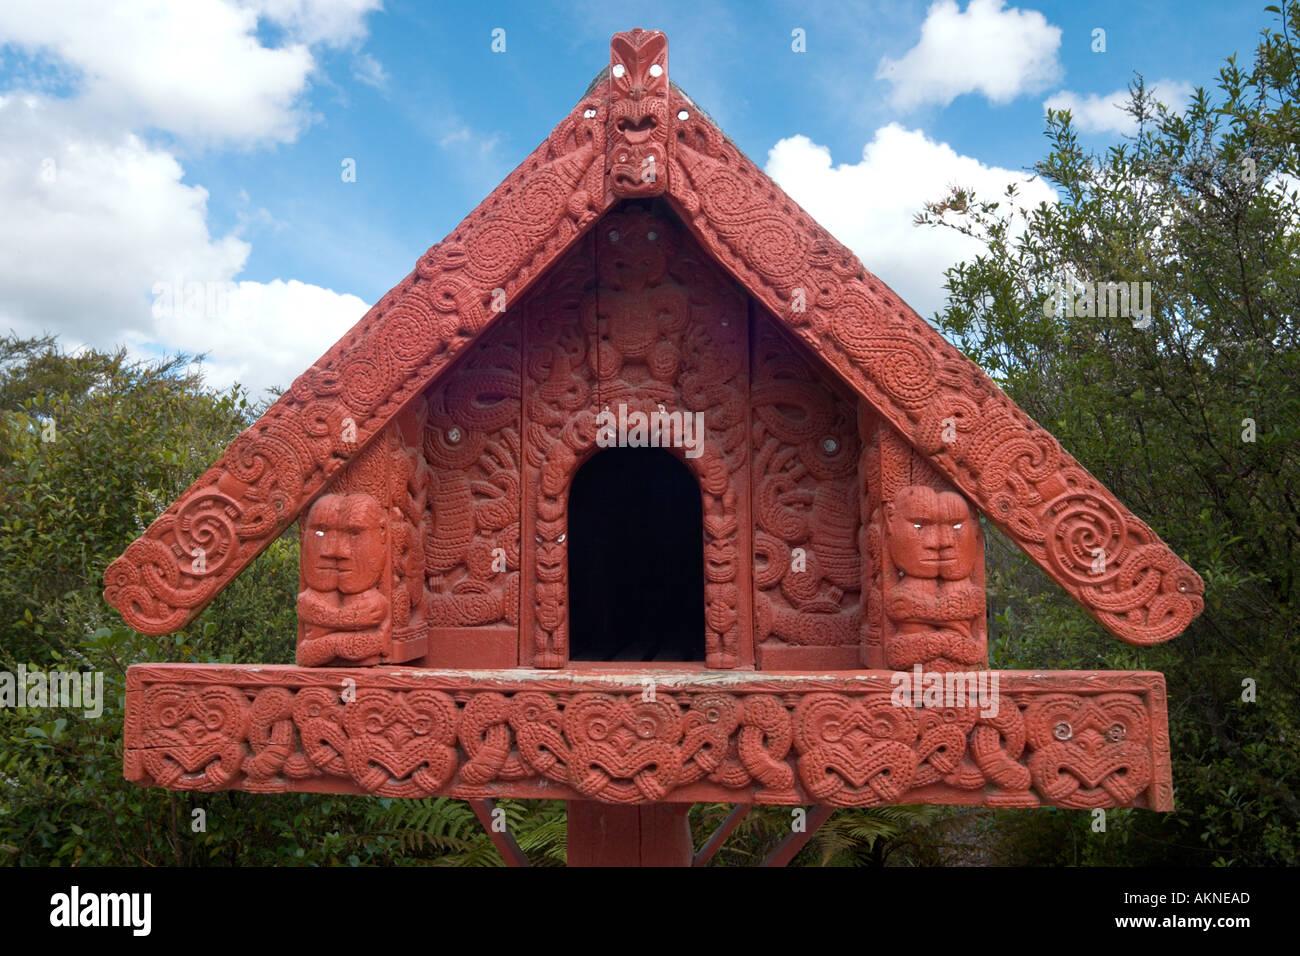 Maori Arts and Crafts Institute, Whakarewarewa, Rotorua, North Island, New Zealand - Stock Image